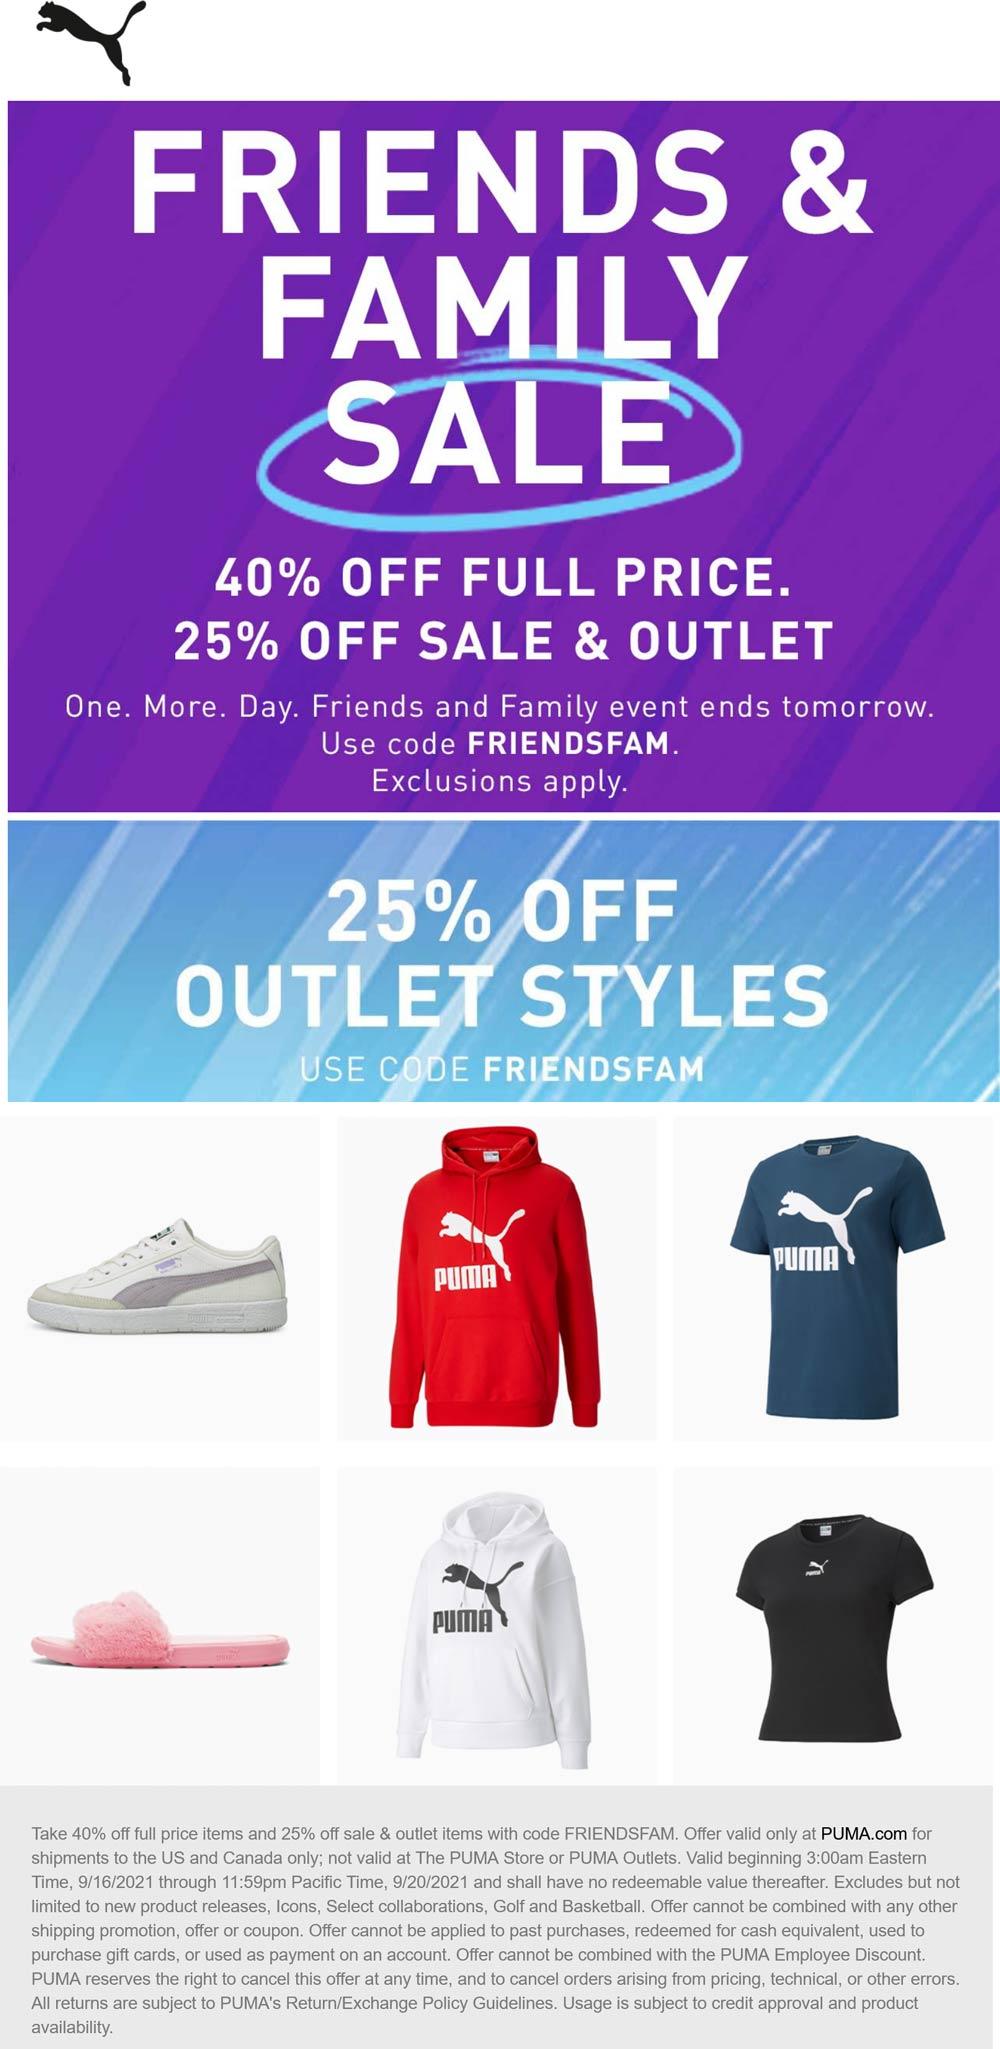 PUMA stores Coupon  40% off regular & 25% off sale items at PUMA via promo code FRIENDSFAM #puma